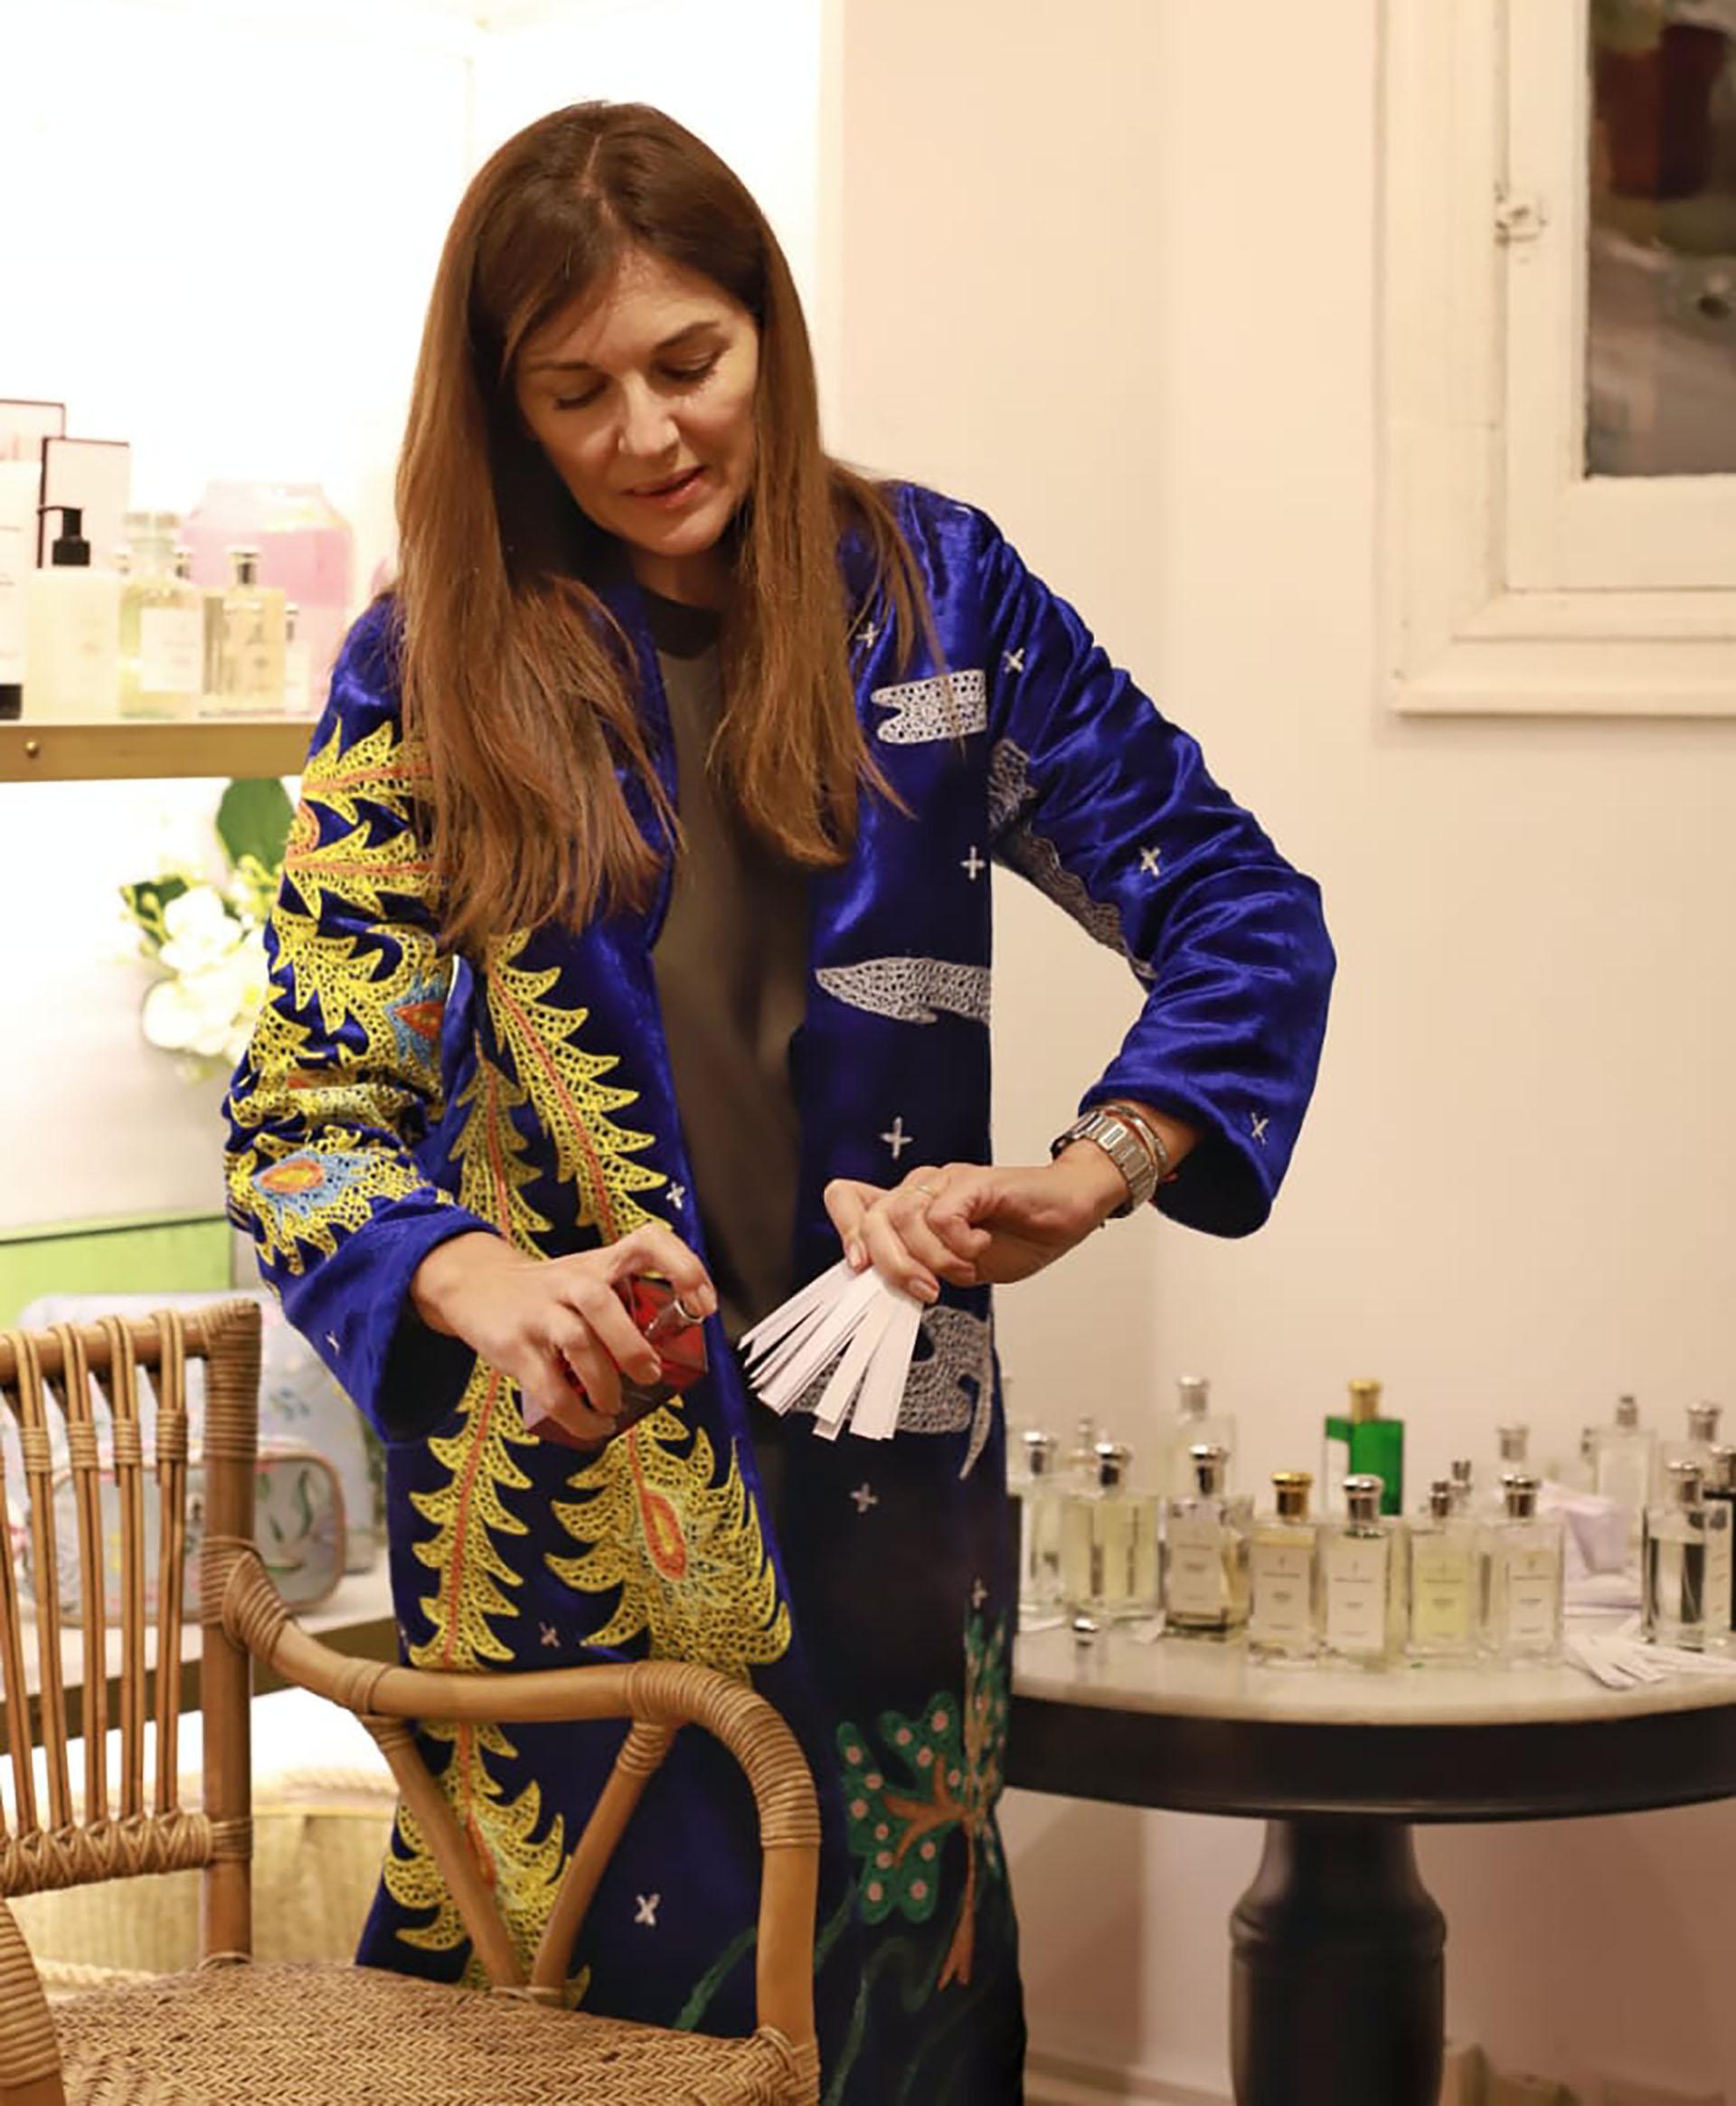 Andrea Frigerio ofreció un workshop para potenciar el olfato en el local de deco Sentido Buenos Aires, la tienda que nació en las playas uruguayas de José Ignacio y se inauguró hace dos años en Argentina